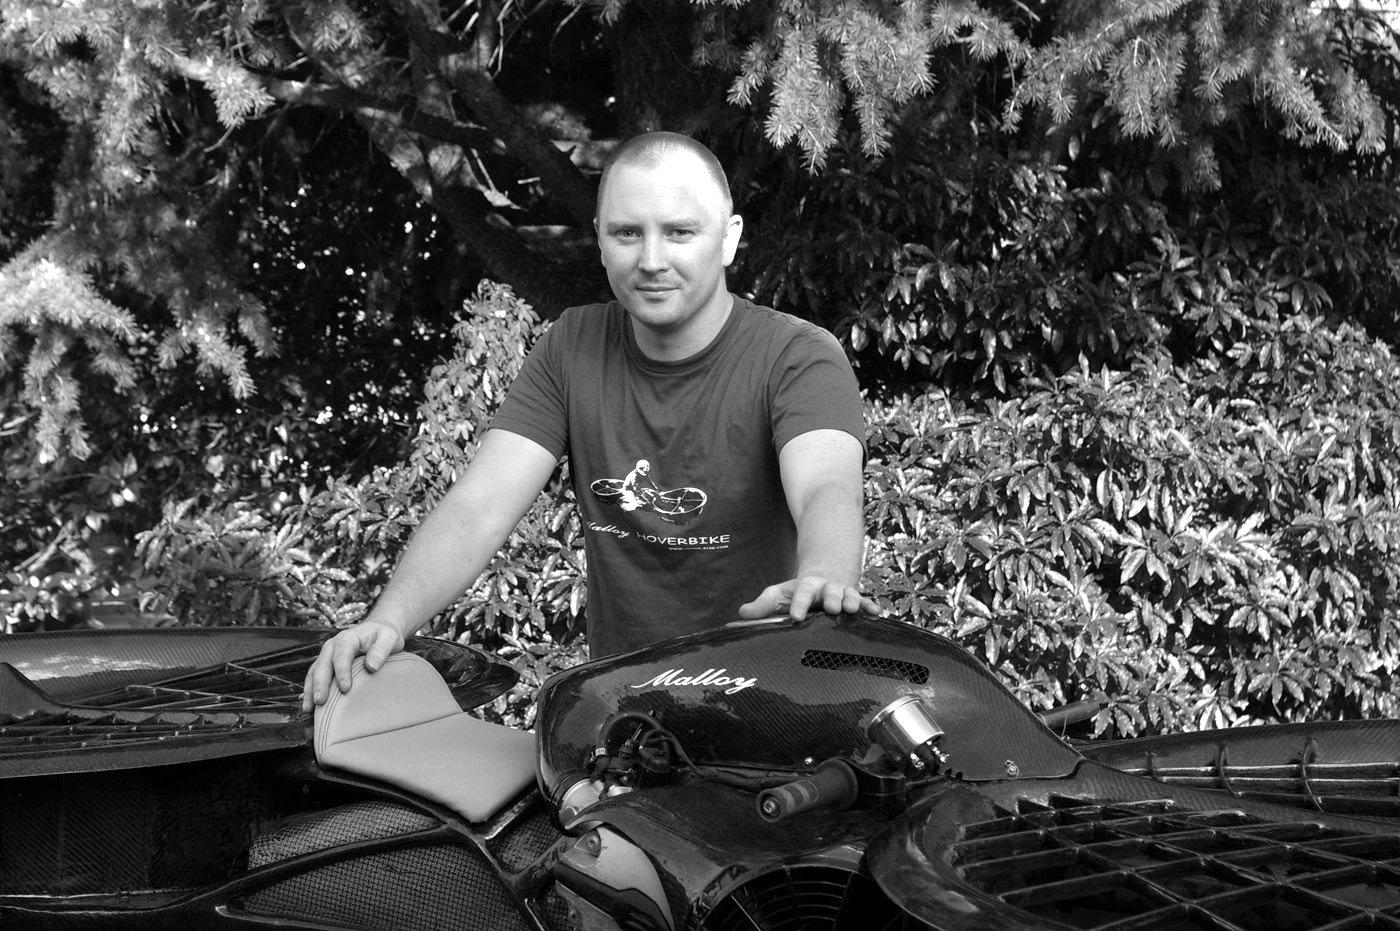 Der britische Erfinder Chris Malloy hat das Hoverbike entwickelt.